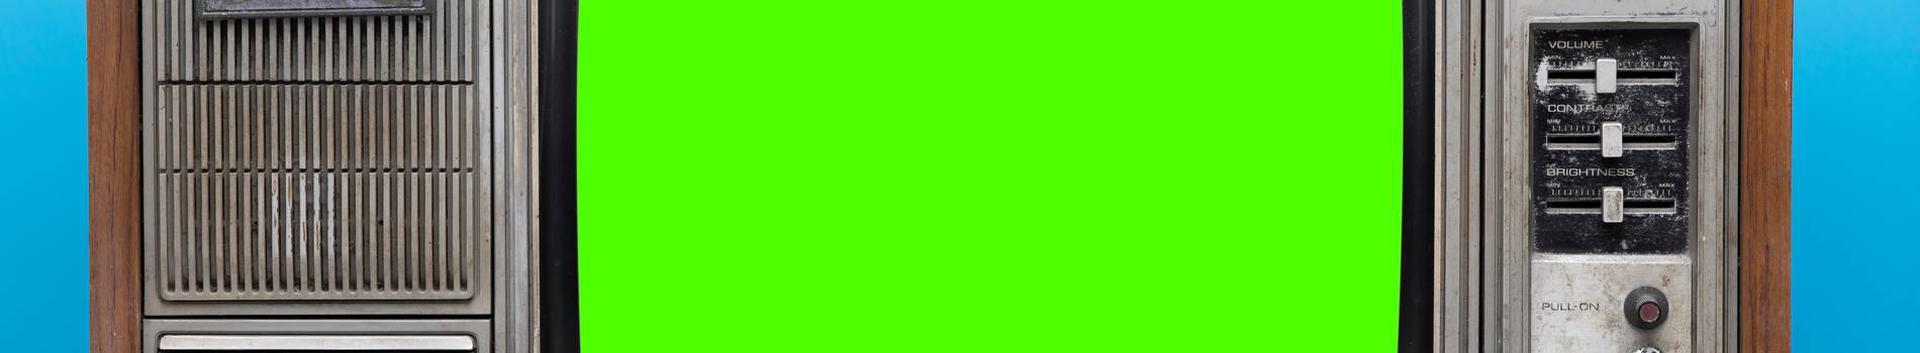 5911_videote-ja-telesaadete-tootmine_49769111_xl.jpg